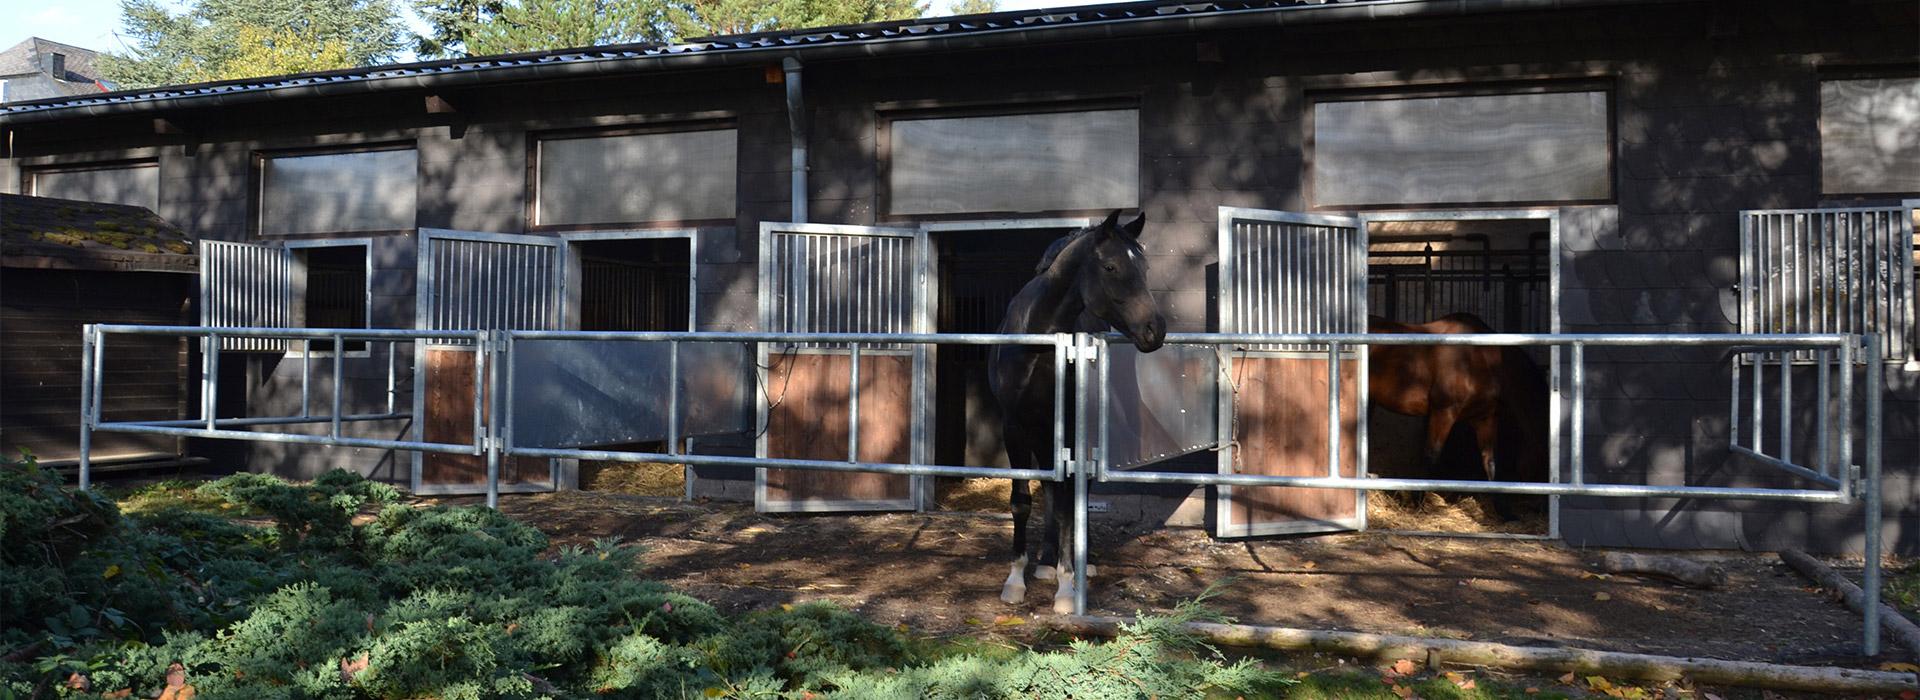 Pferdepension-Maria-Schacht-Leienkaul